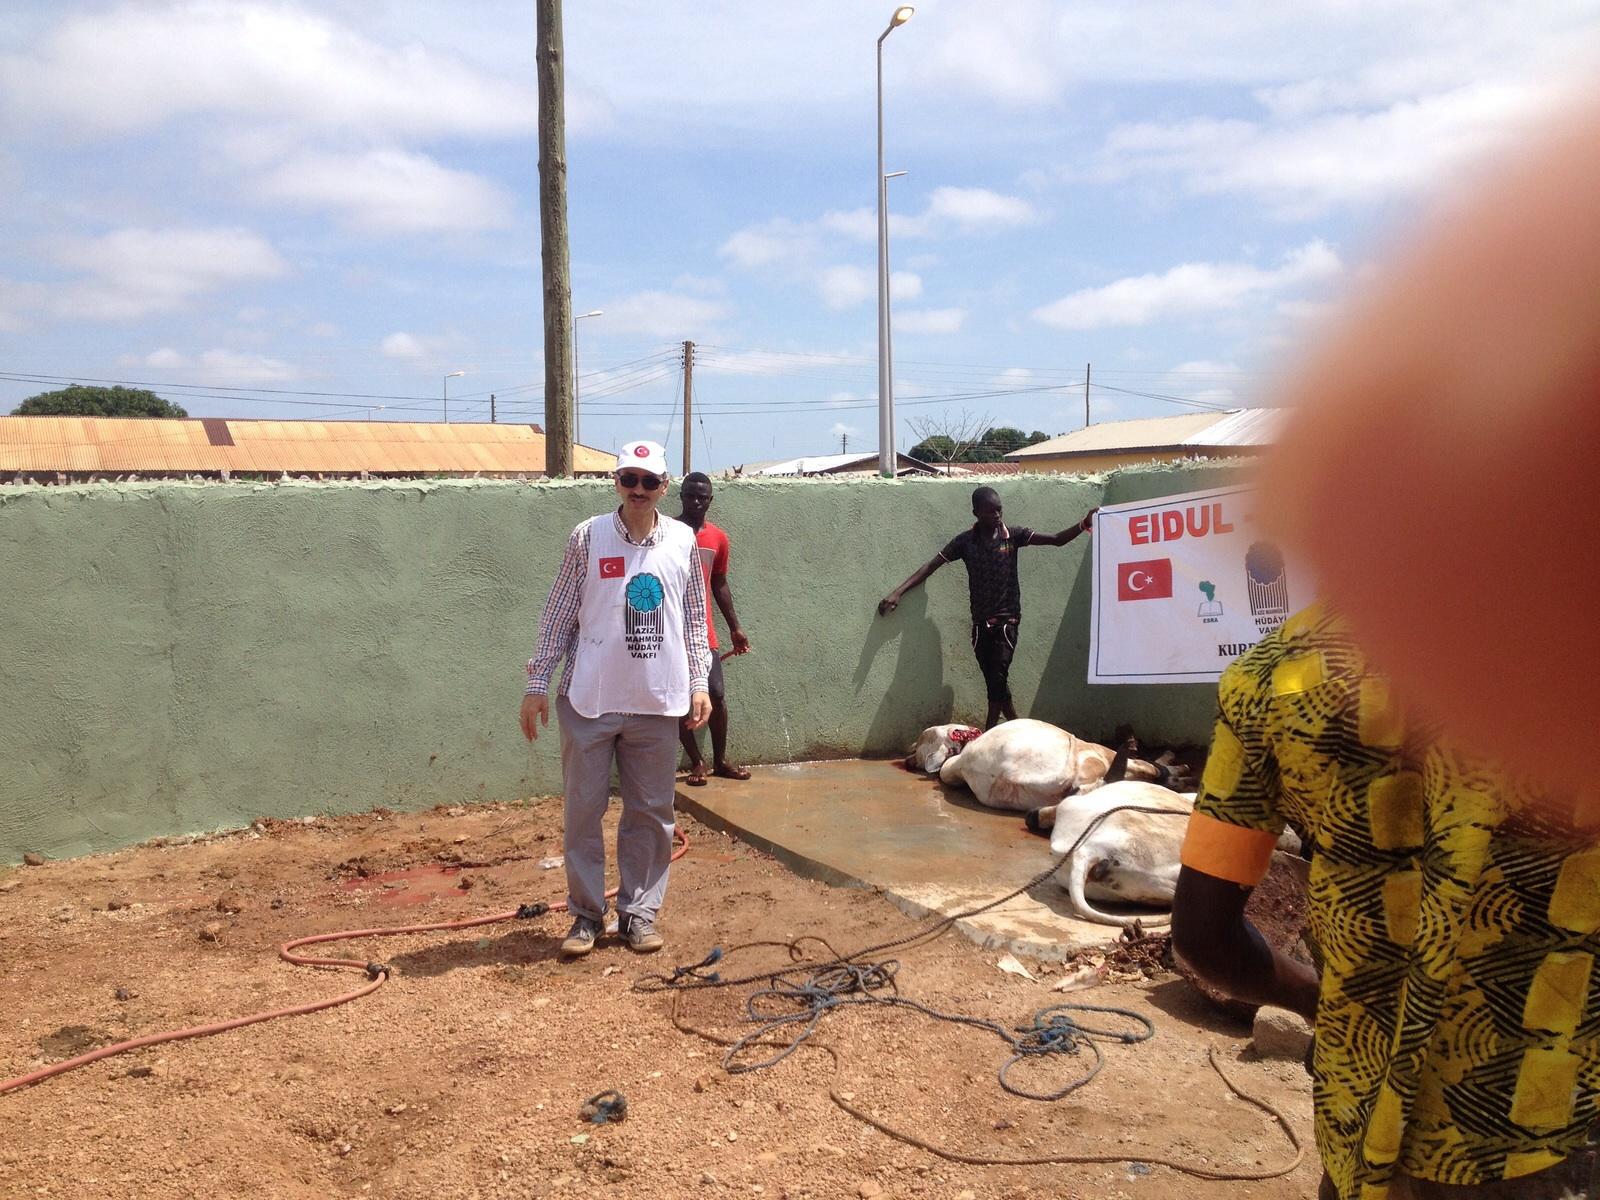 GANADER ve HUDAI olarak Gana'da kurban faaliyetlerimizi gerçekleştirdik - DUYURULAR - Gana Dostuk ve Yardımlaşma Derneği